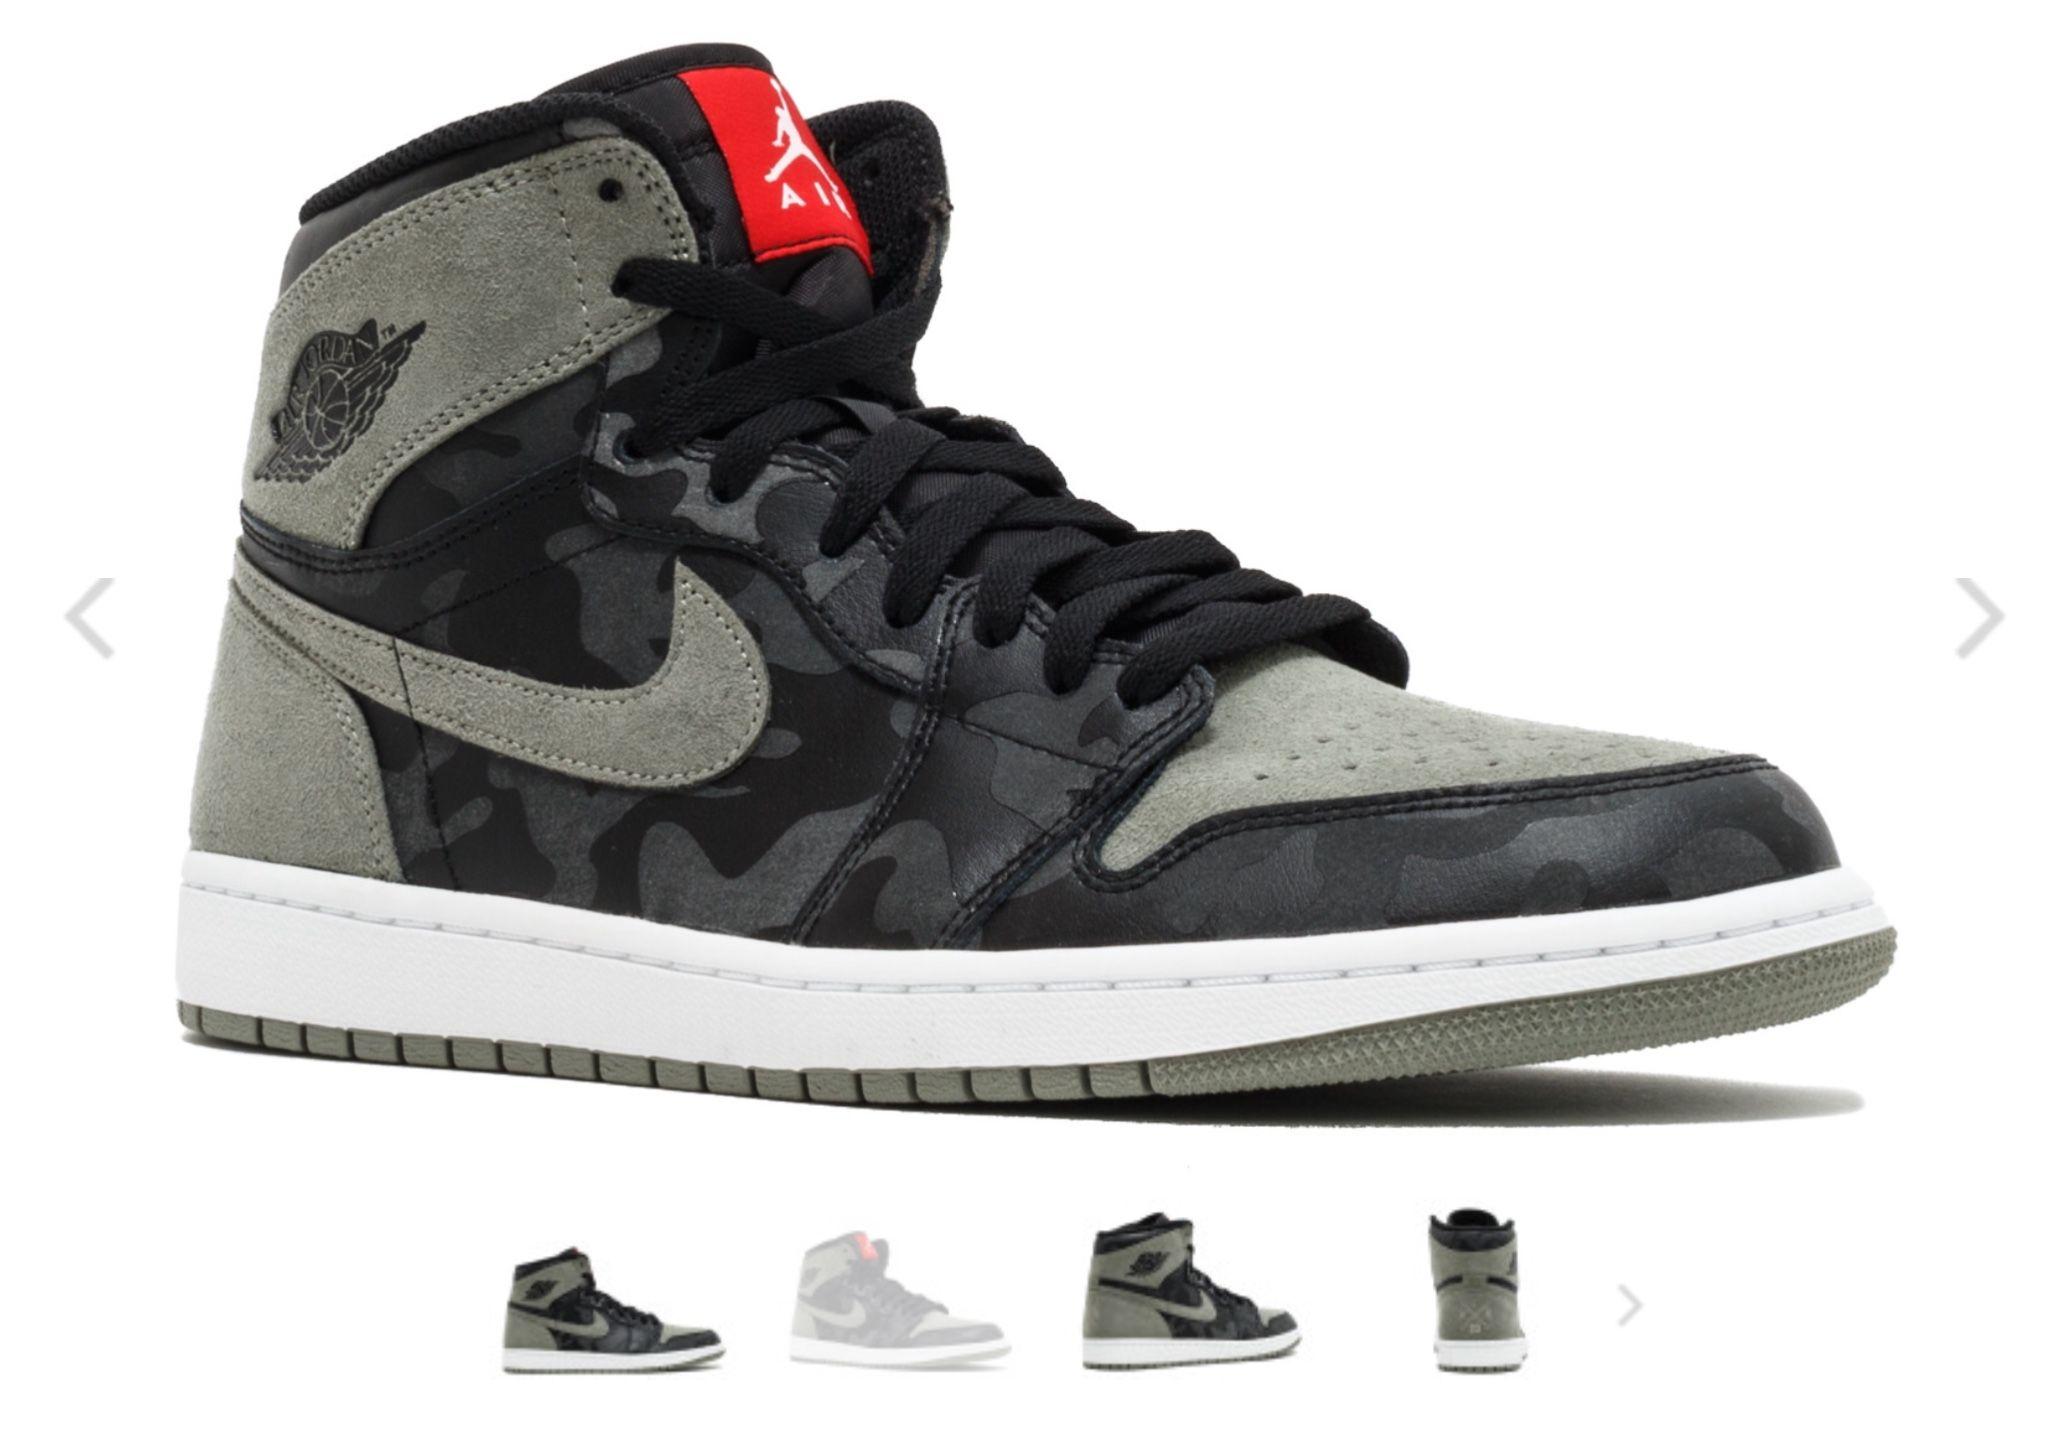 """Air Jordan 1 Retro High Premium """"Camo Pack"""" (Dengan gambar)"""